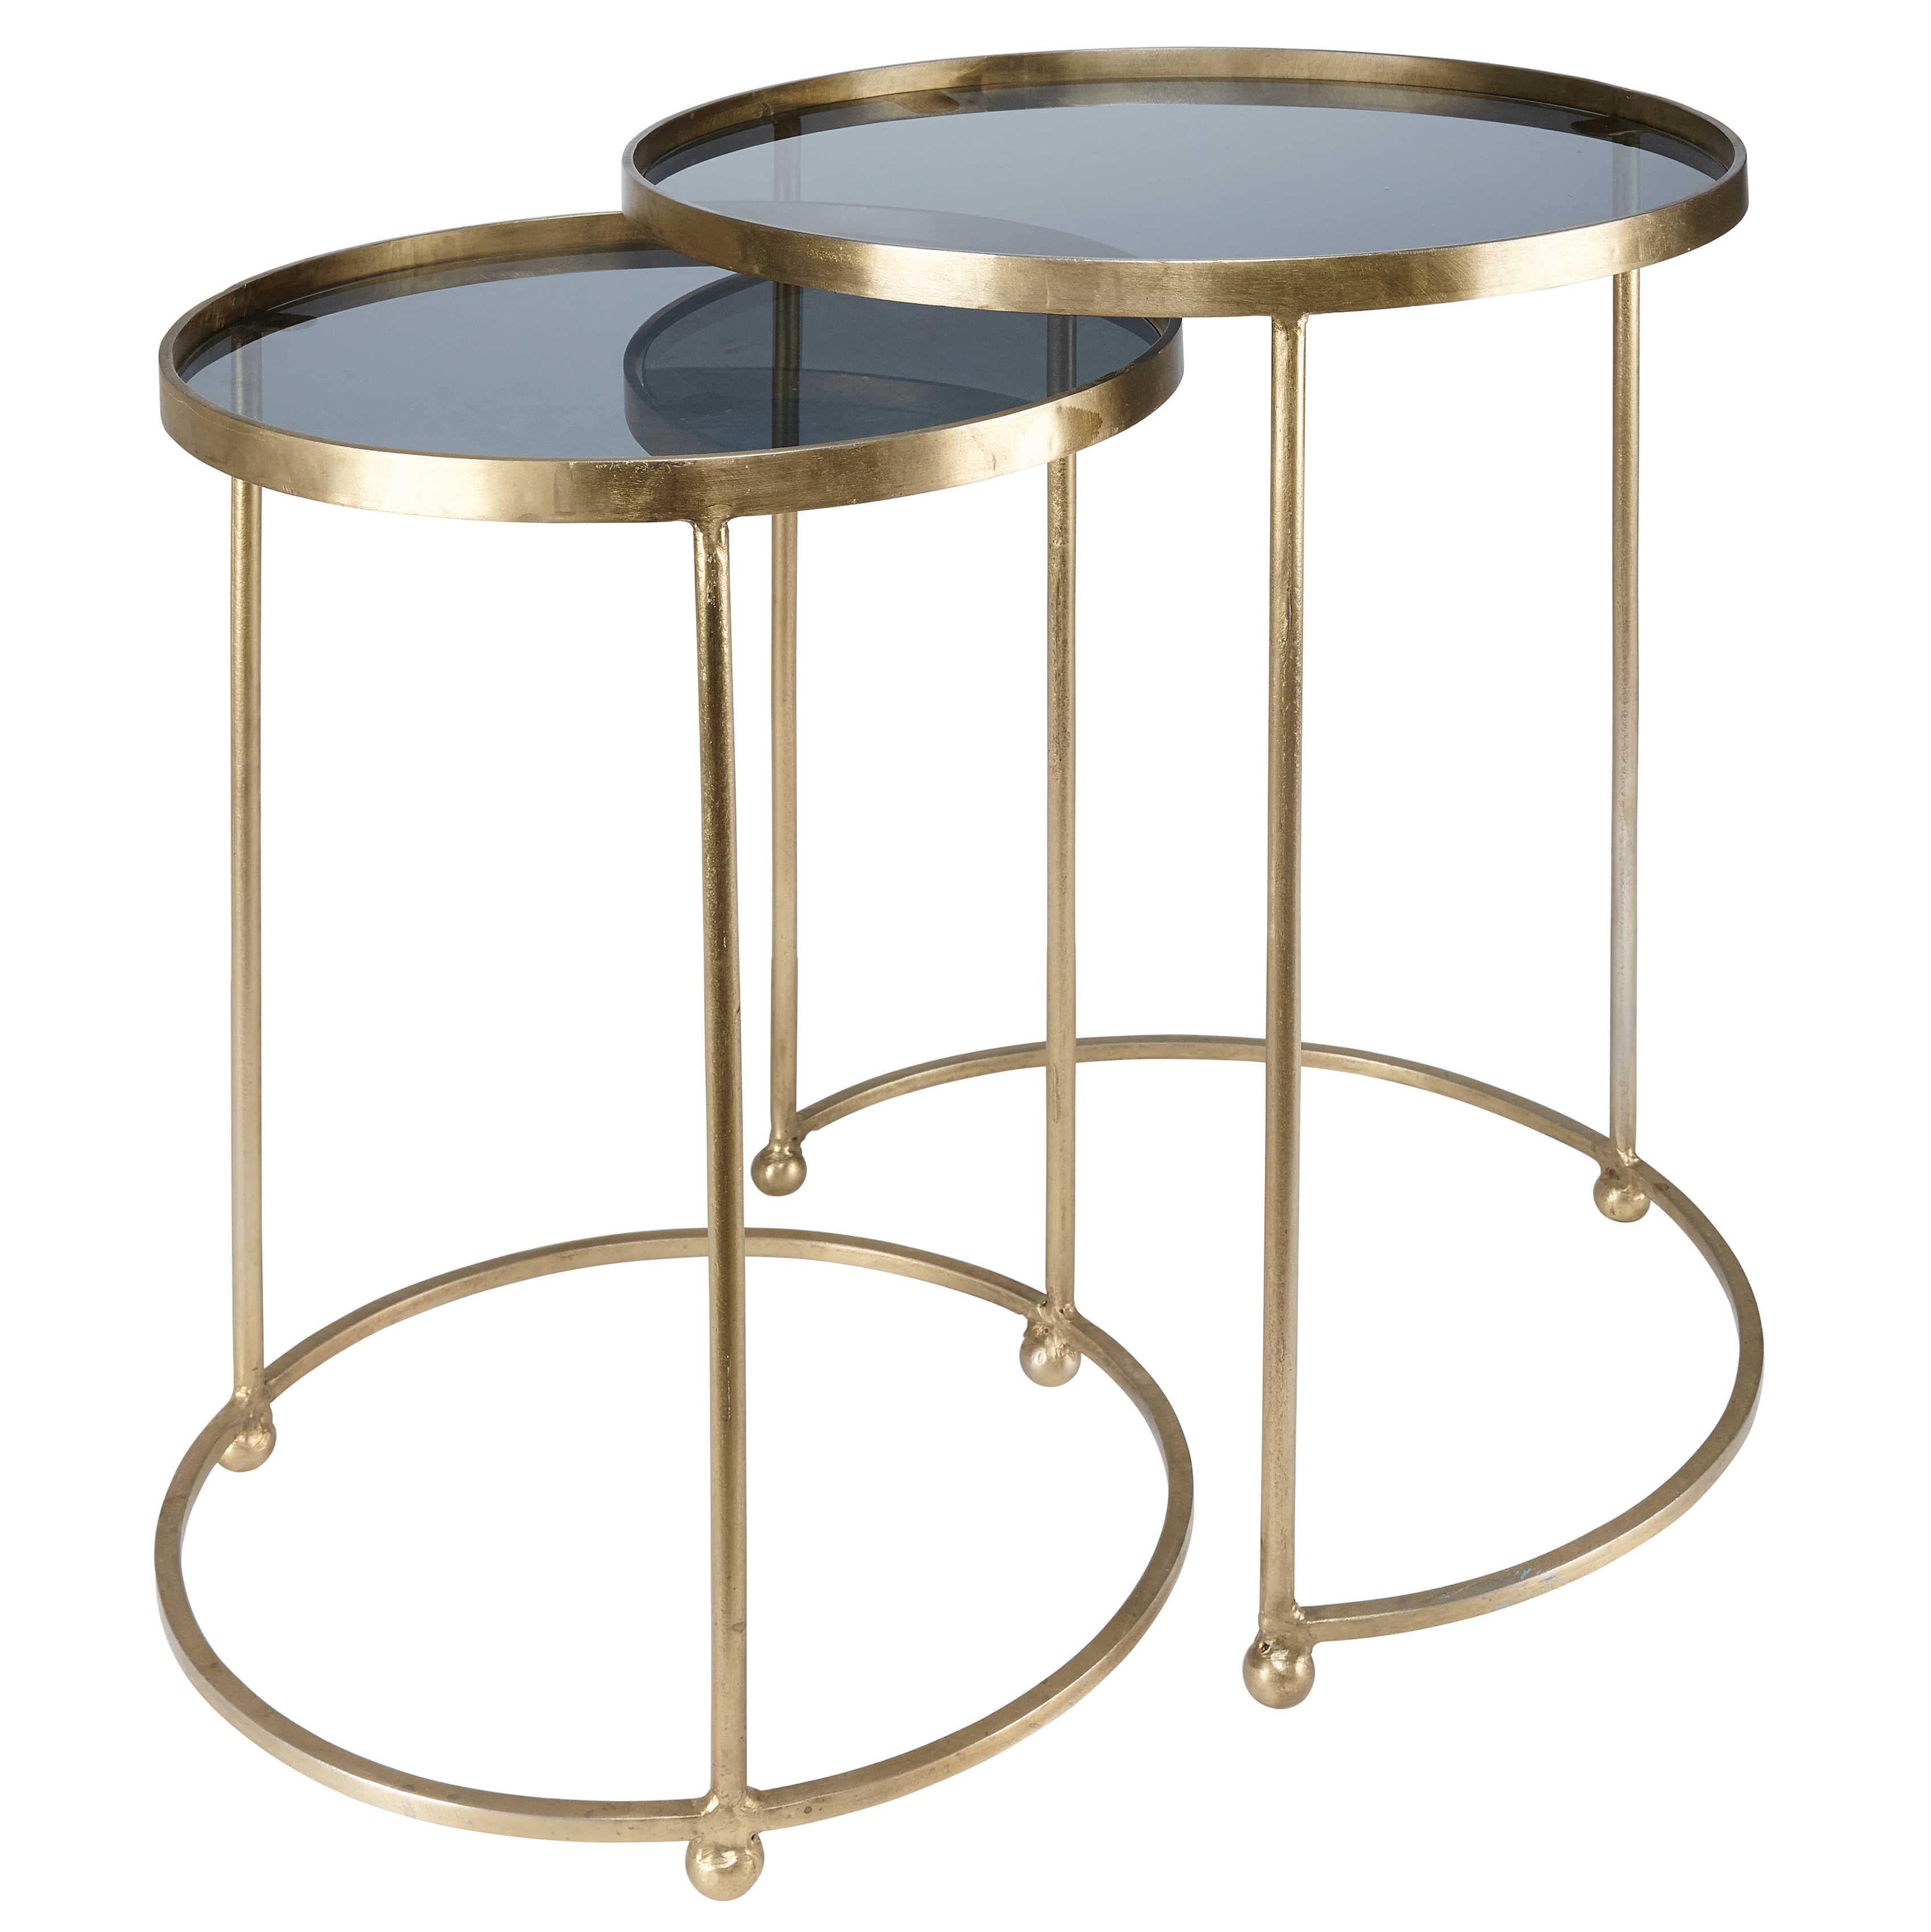 2 Beistelltische Aus Goldfarbenem Metall Und Glas Isabeau Jetzt Bestellen Unter Https Moebel Ladendirek Beistelltische Beistelltisch Metall Wohnzimmertische